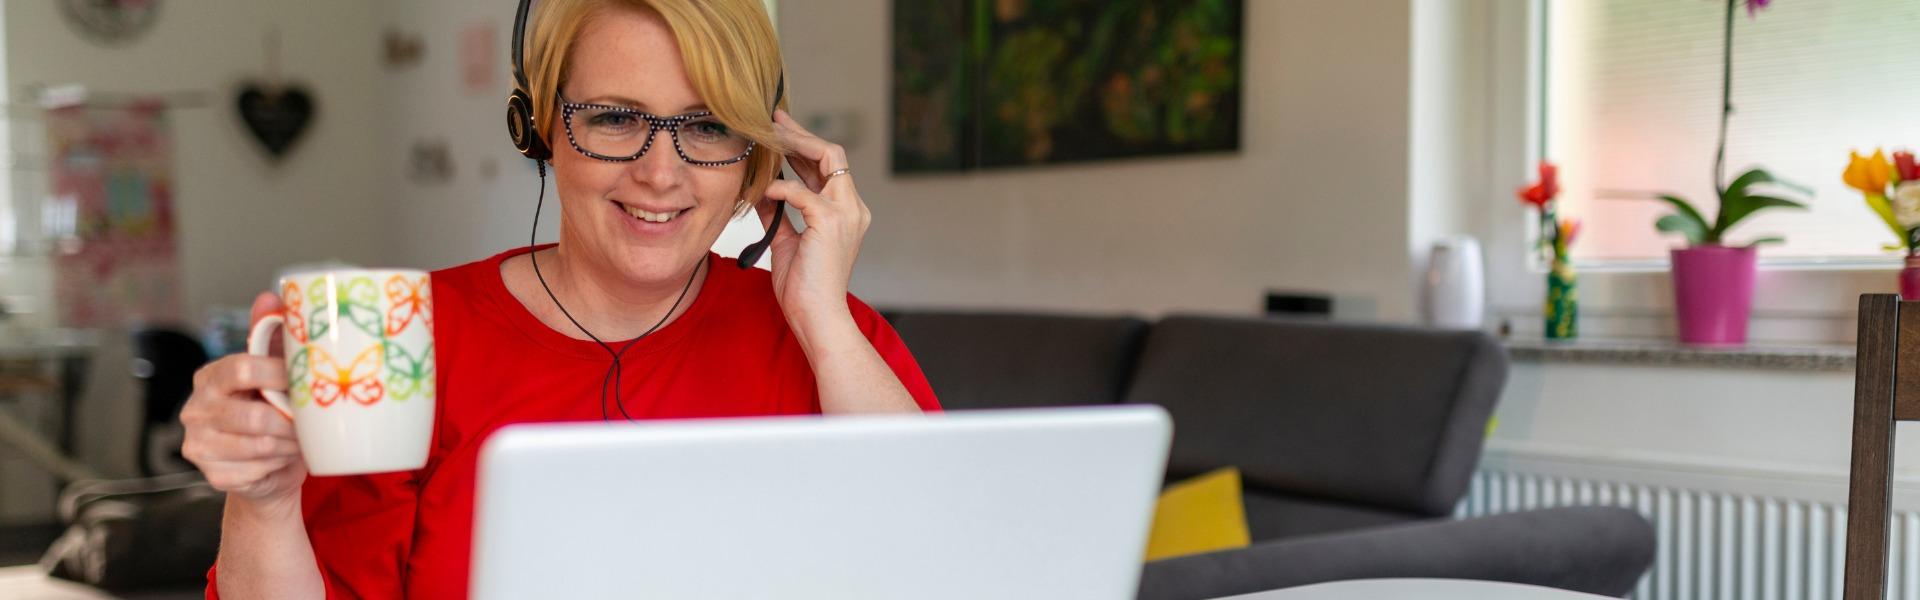 Digitaler Netzwerkabend für Unternehmerinnen im Kreis Coesfeld